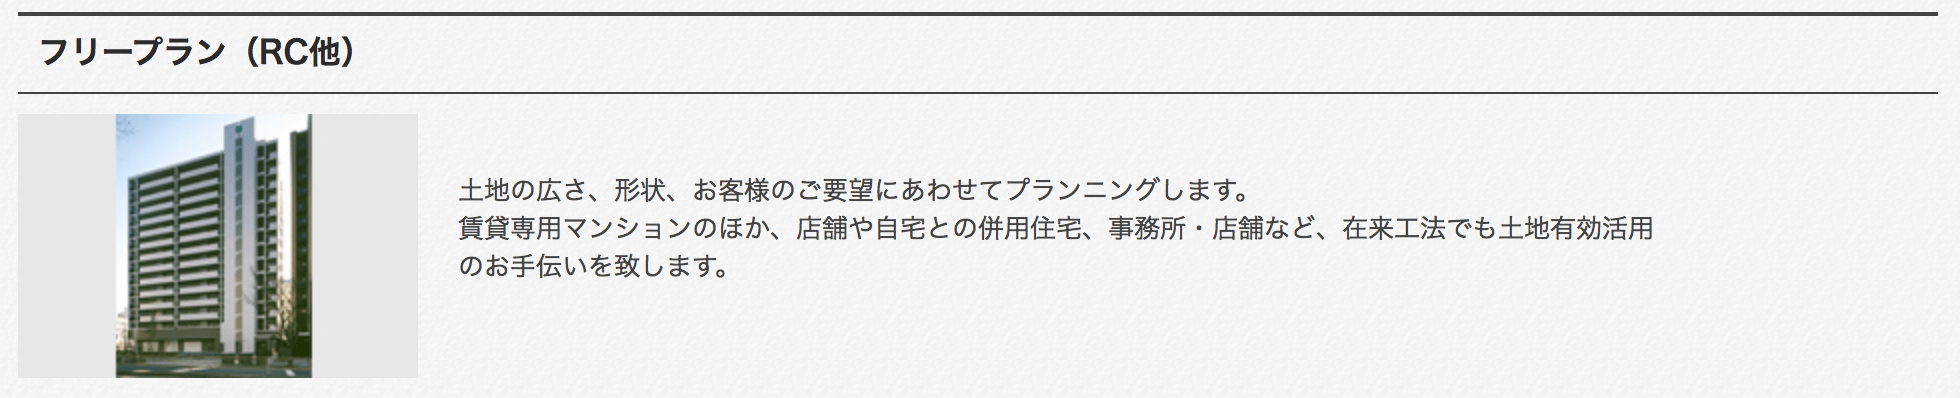 スクリーンショット 2017-01-15 15.48.50